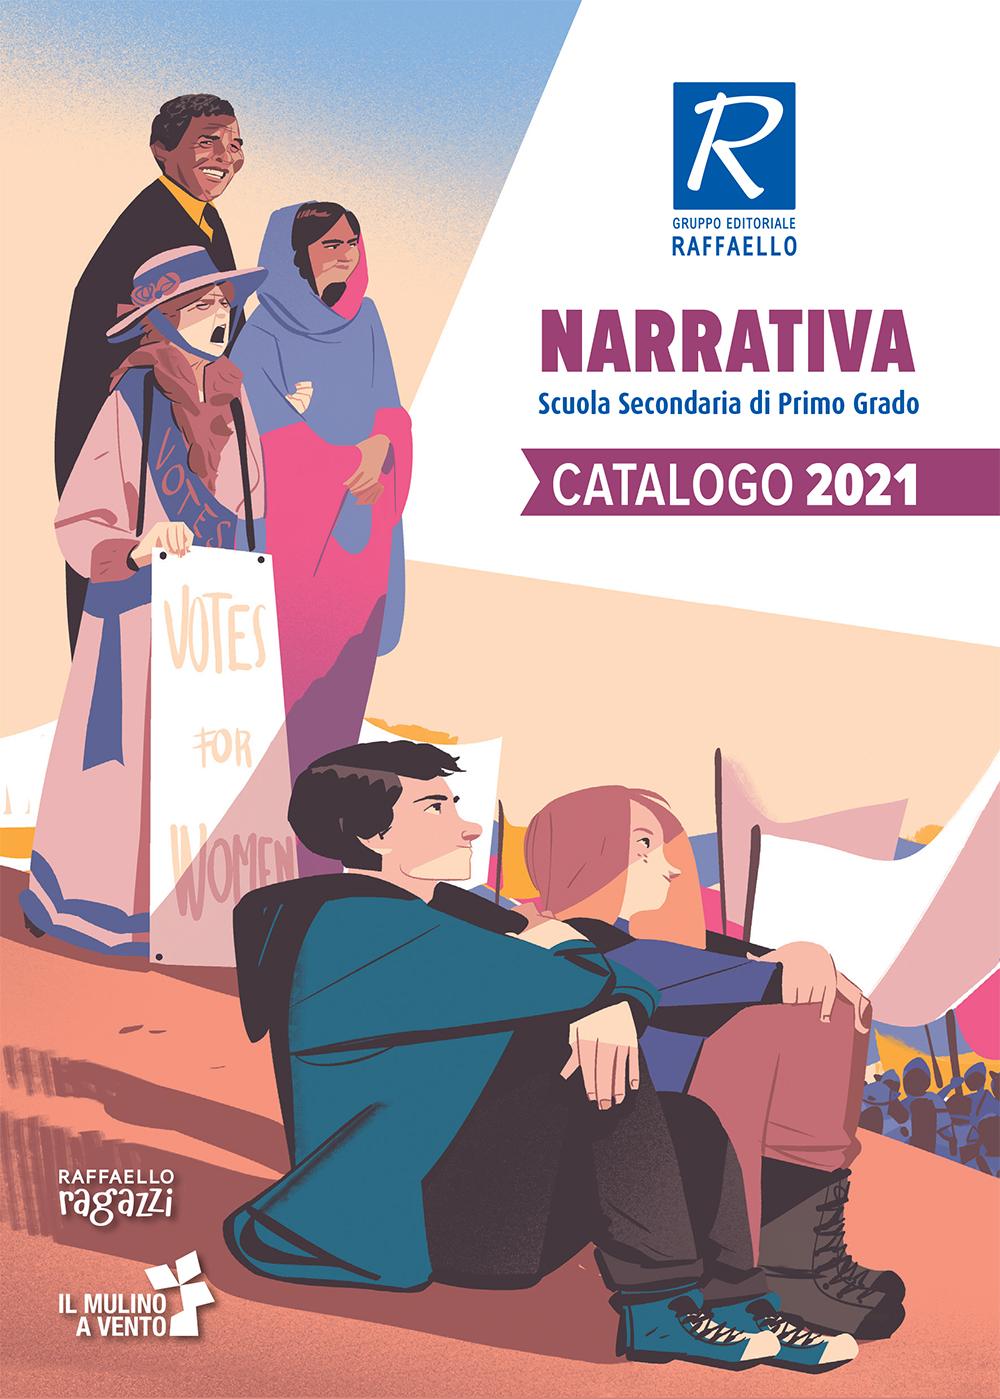 Narrativa Scuola Secondaria 2021 - Il Mulino a Vento